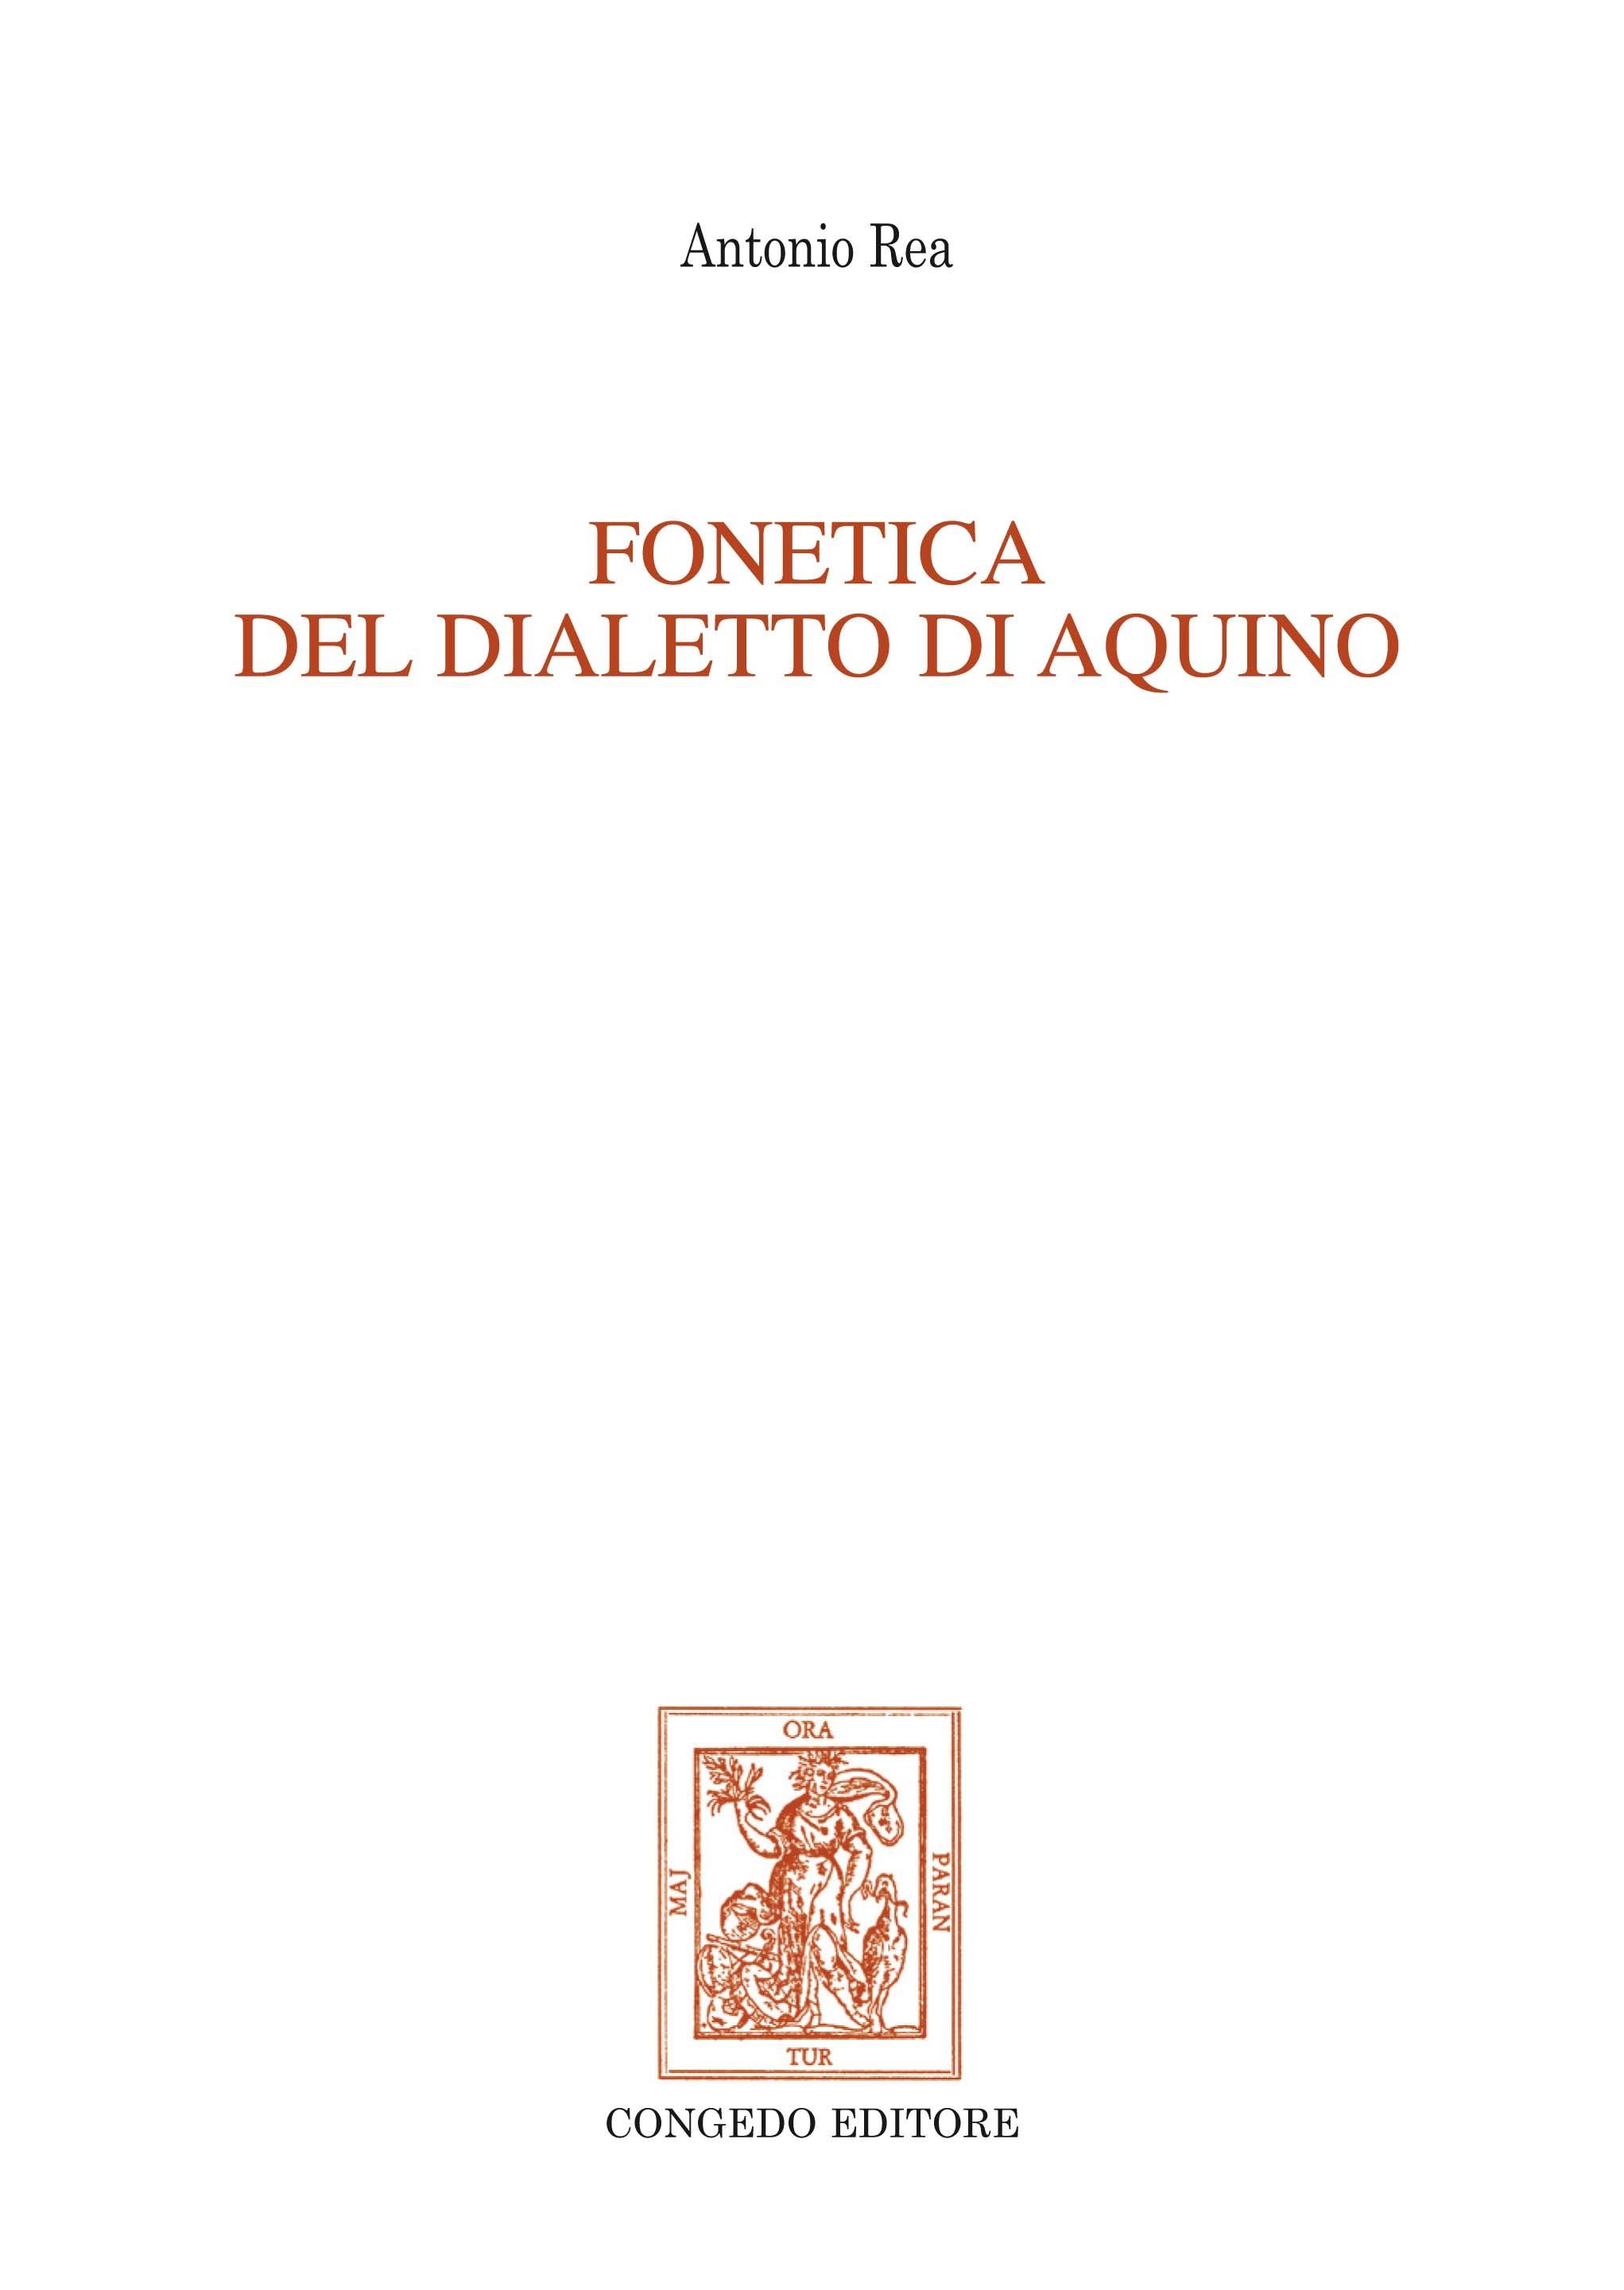 Fonetica del dialetto di Aquino